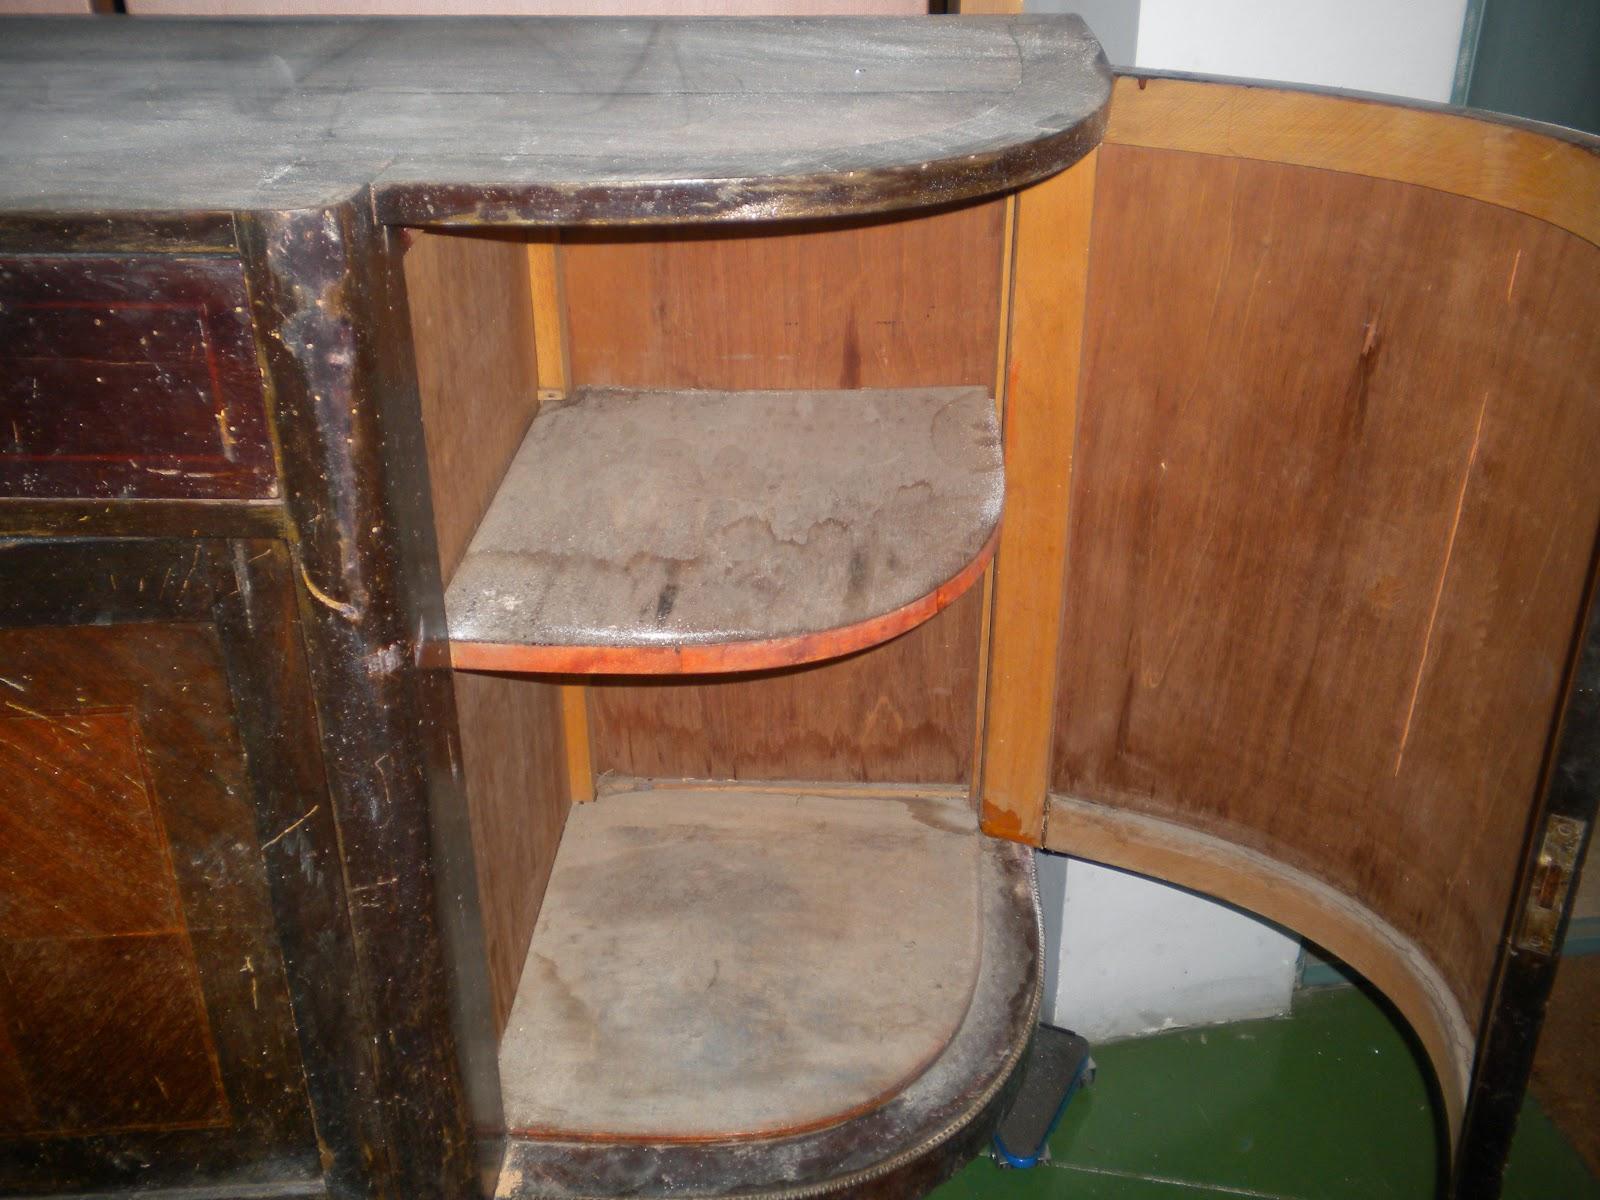 Taller de restauraci n lila ideas de c mo restaurar un - Como restaurar muebles viejos ...